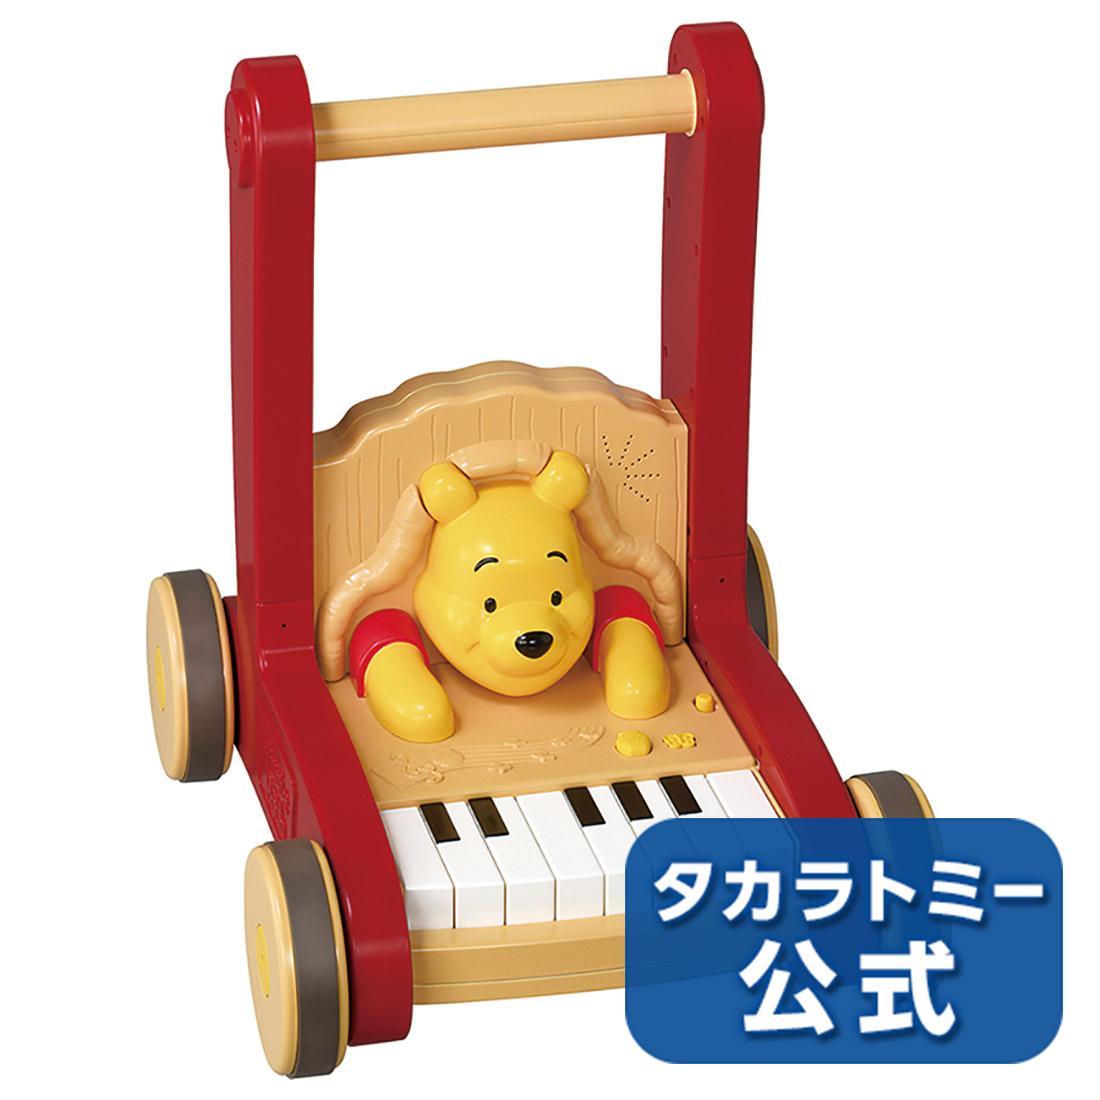 輸入 2020年10月29日発売タカラトミー公式店5500円以上購入で送料無料 おしりふりふりウォーカーピアノ くまのプーさん 未使用品